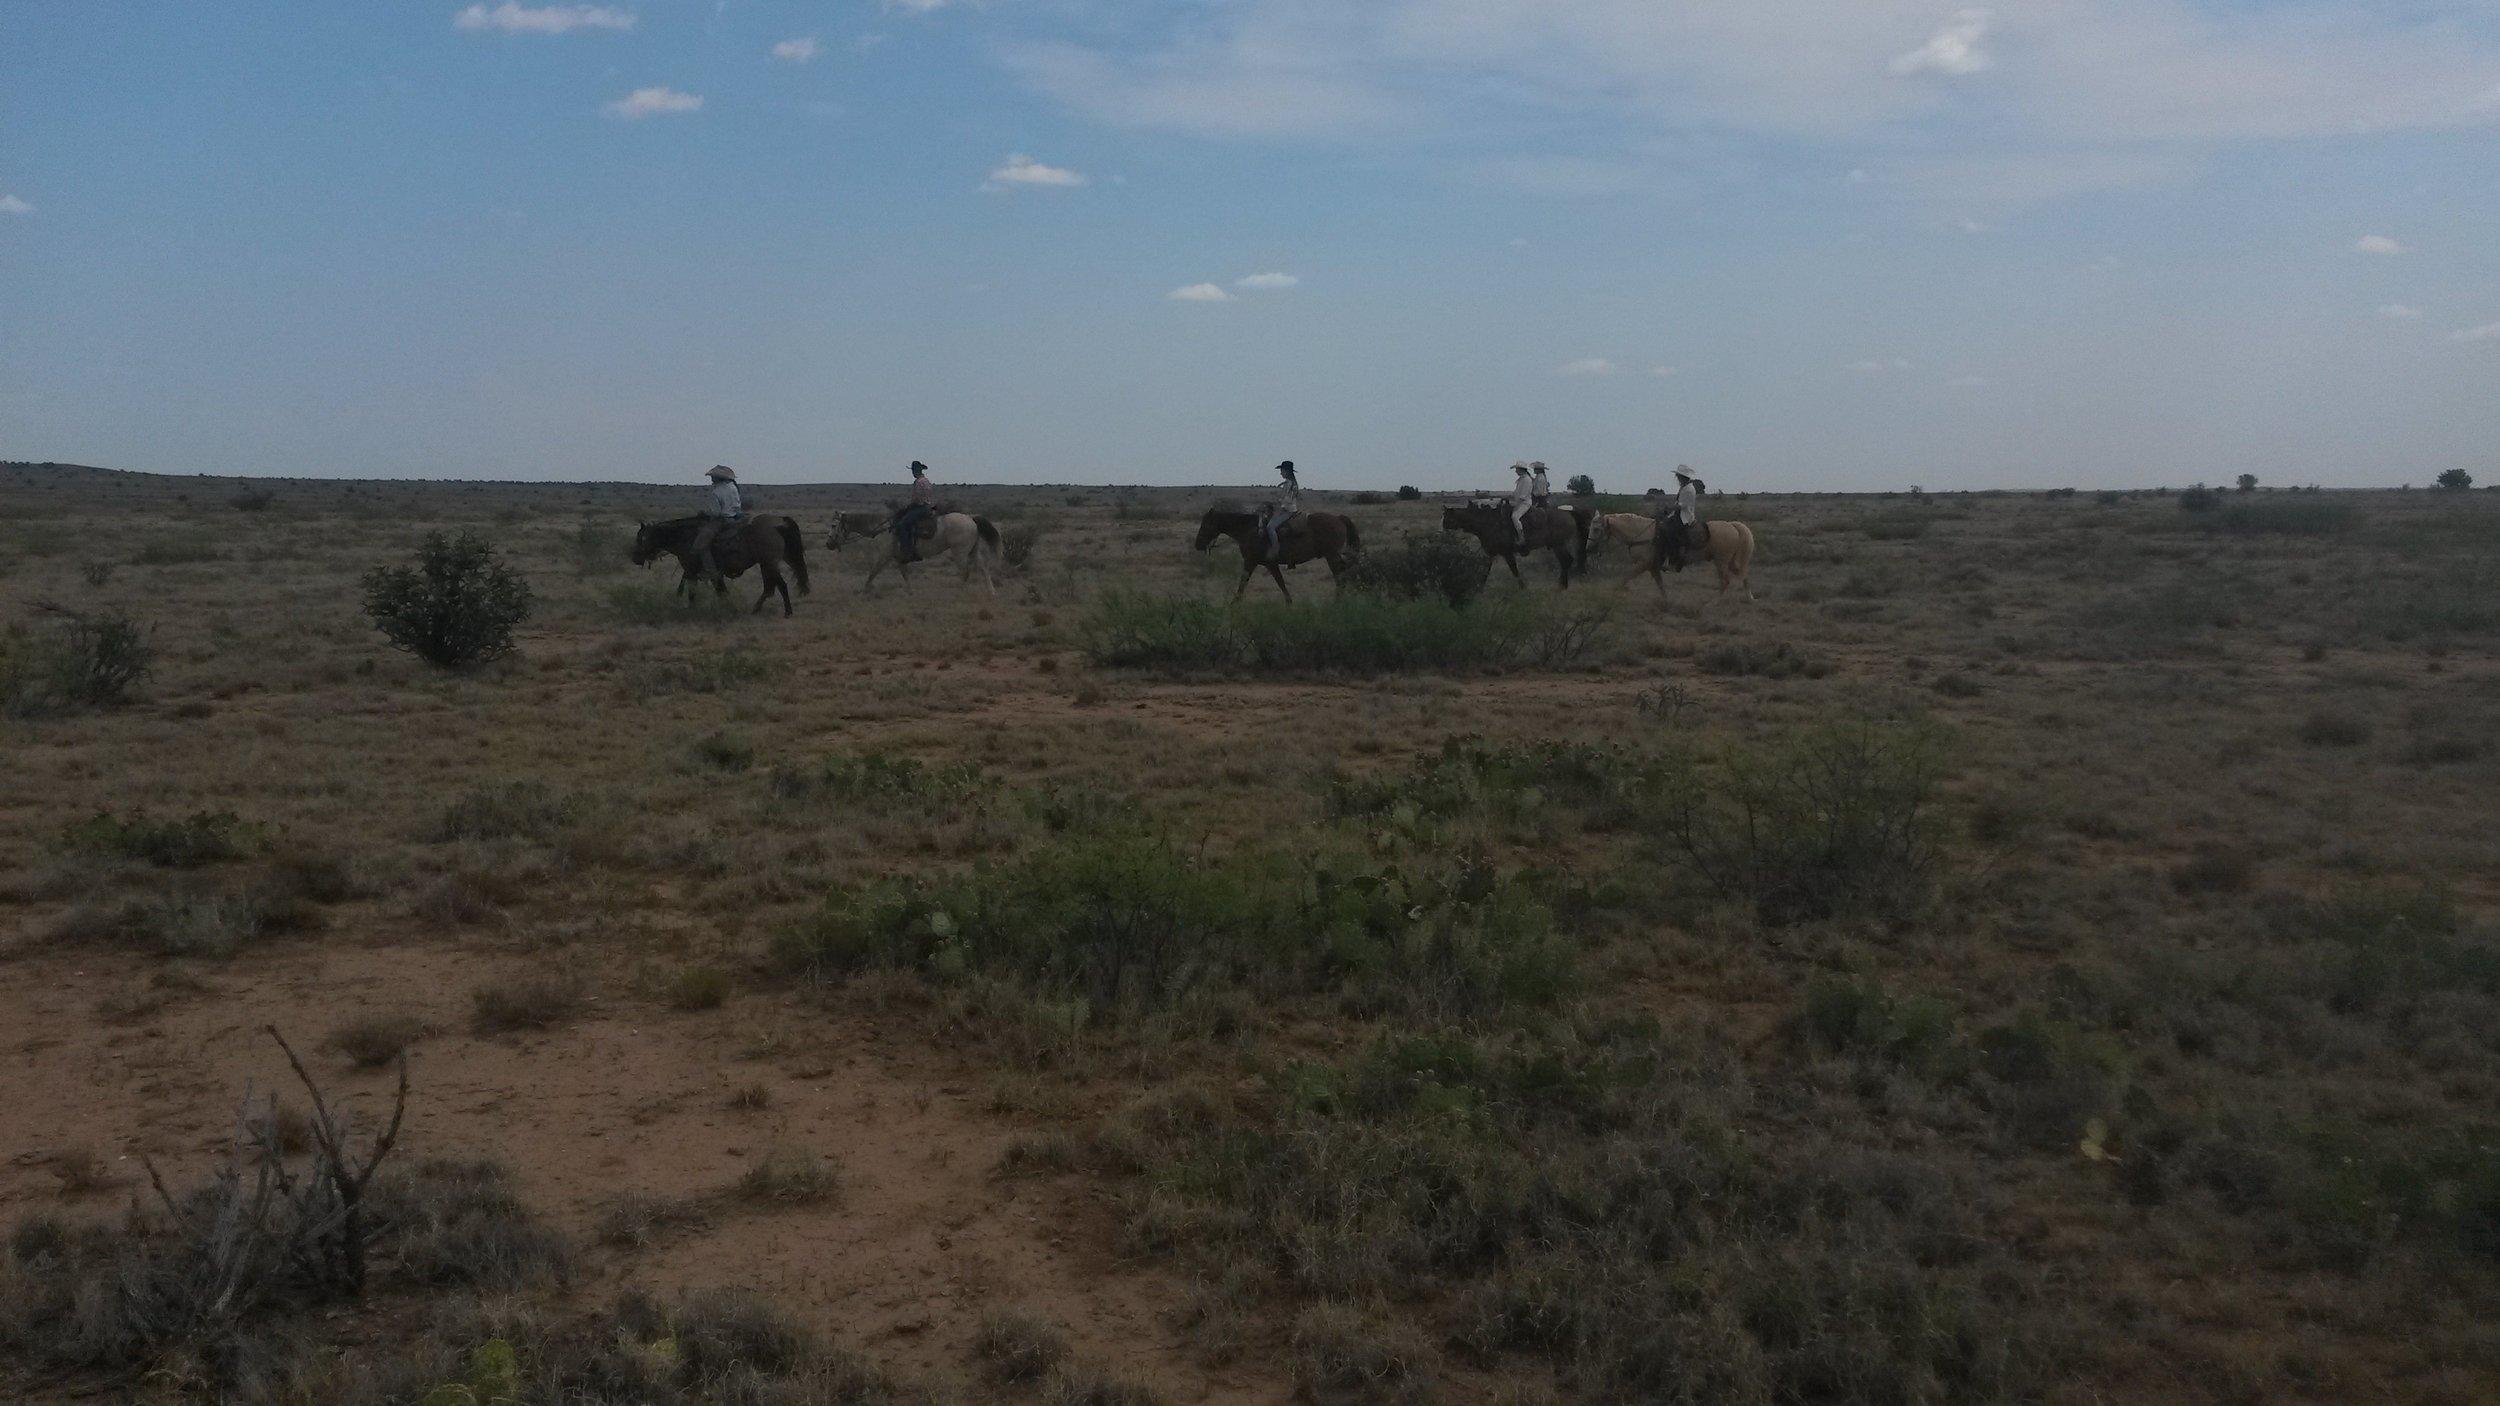 Our team (incl. guests of course) on our way to find the cows in the next pasture.  Unser Team (natürlich inkl. Gäste) auf dem Weg um die nächsten Kühe in einer anderen Weide zu finden.